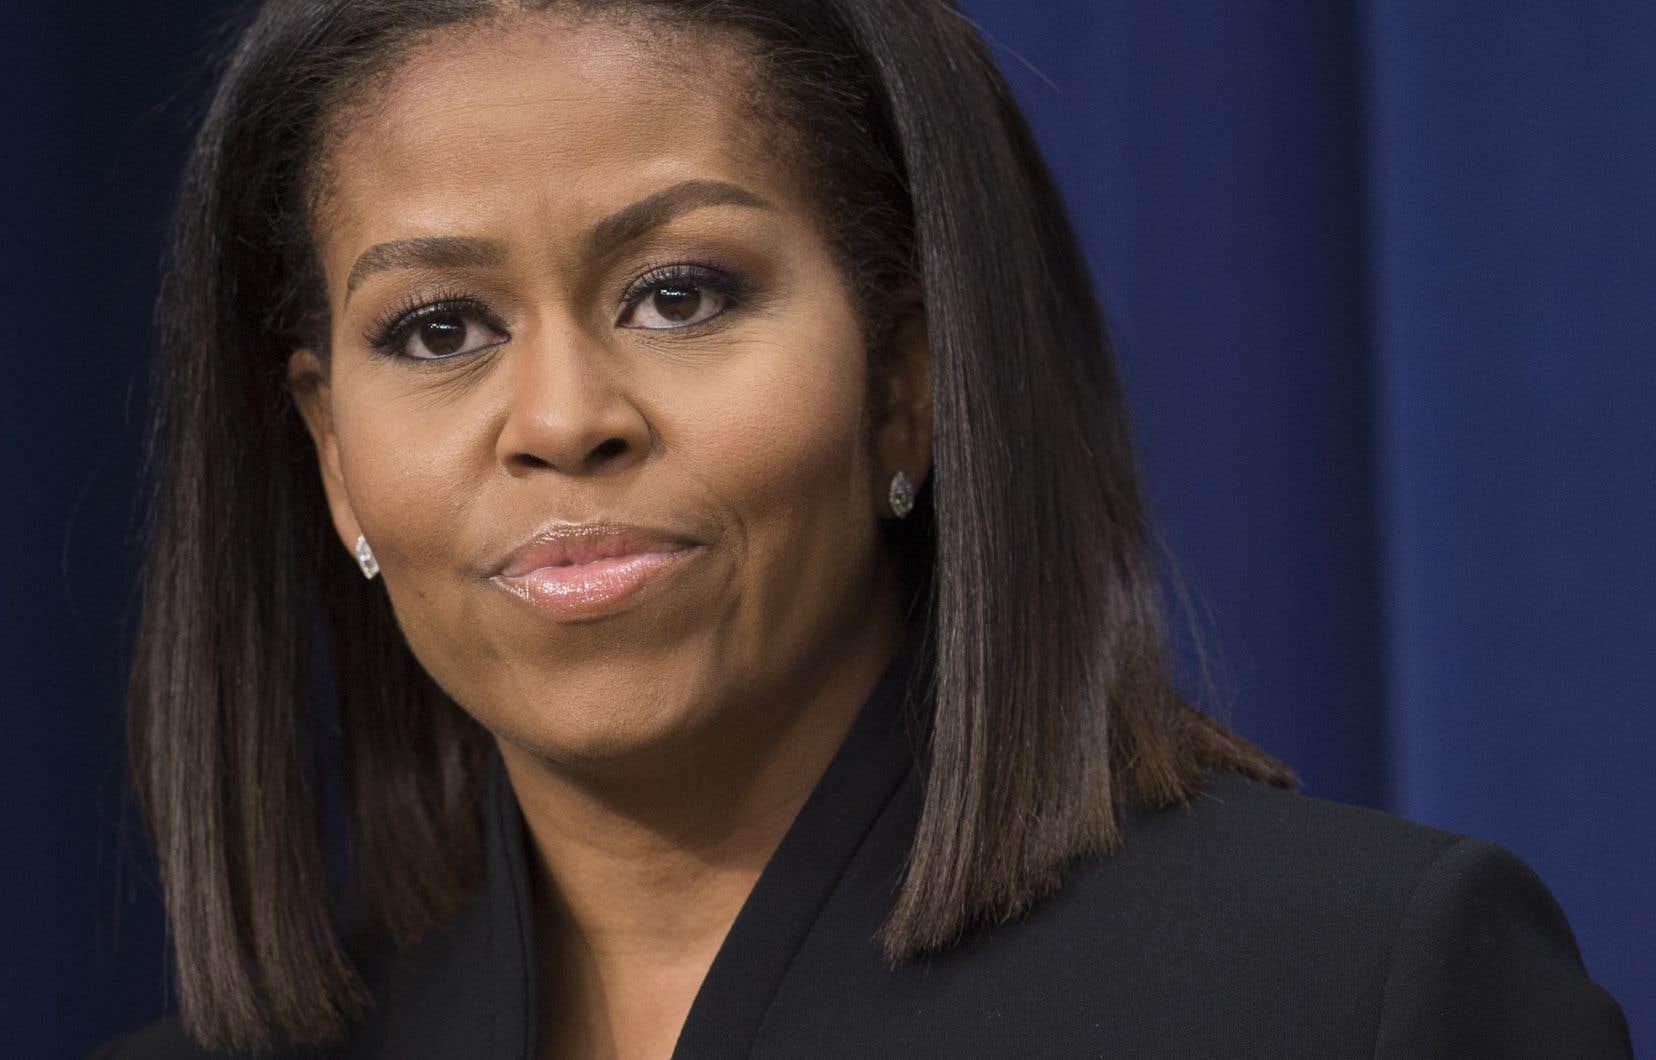 L'ancienne première dame des États-Unis, Michelle Obama